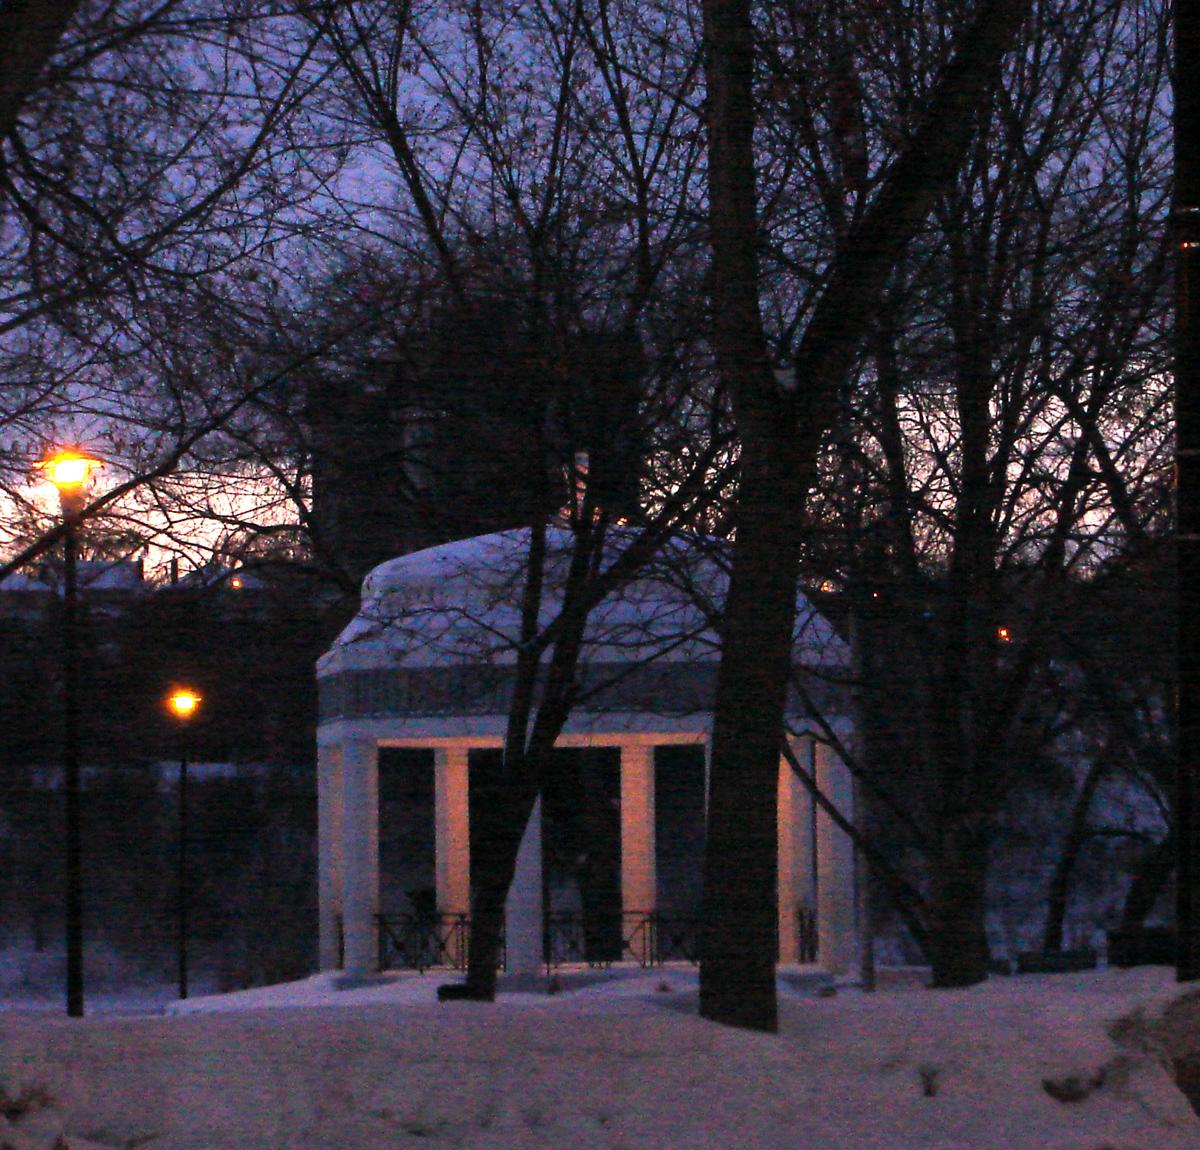 Vimy Ridge Memorial Park: Canadian War Memorials